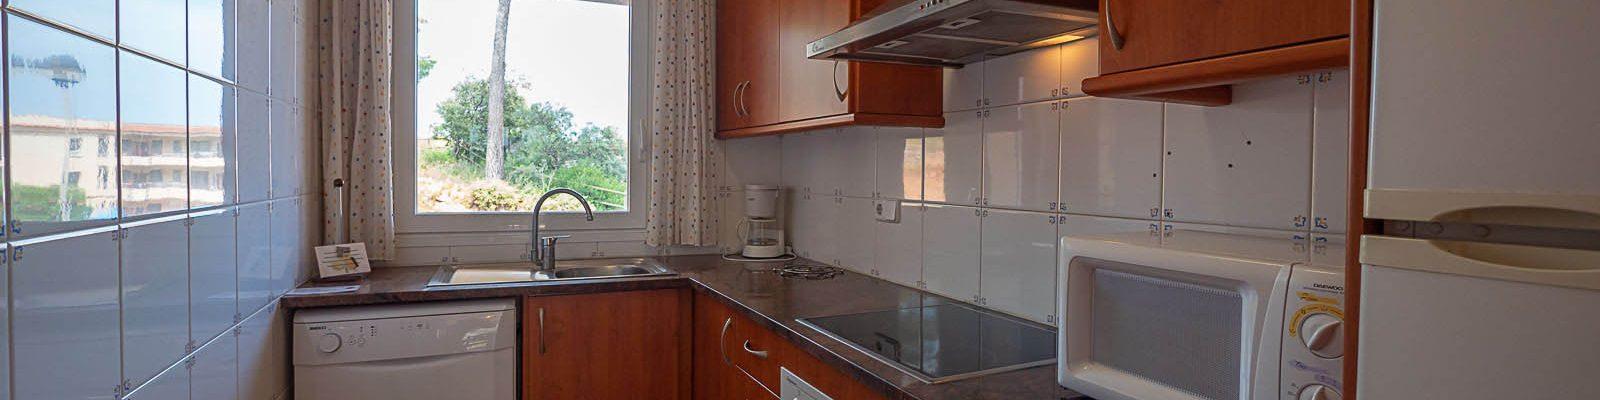 Villa 2 habitaciones Cocina